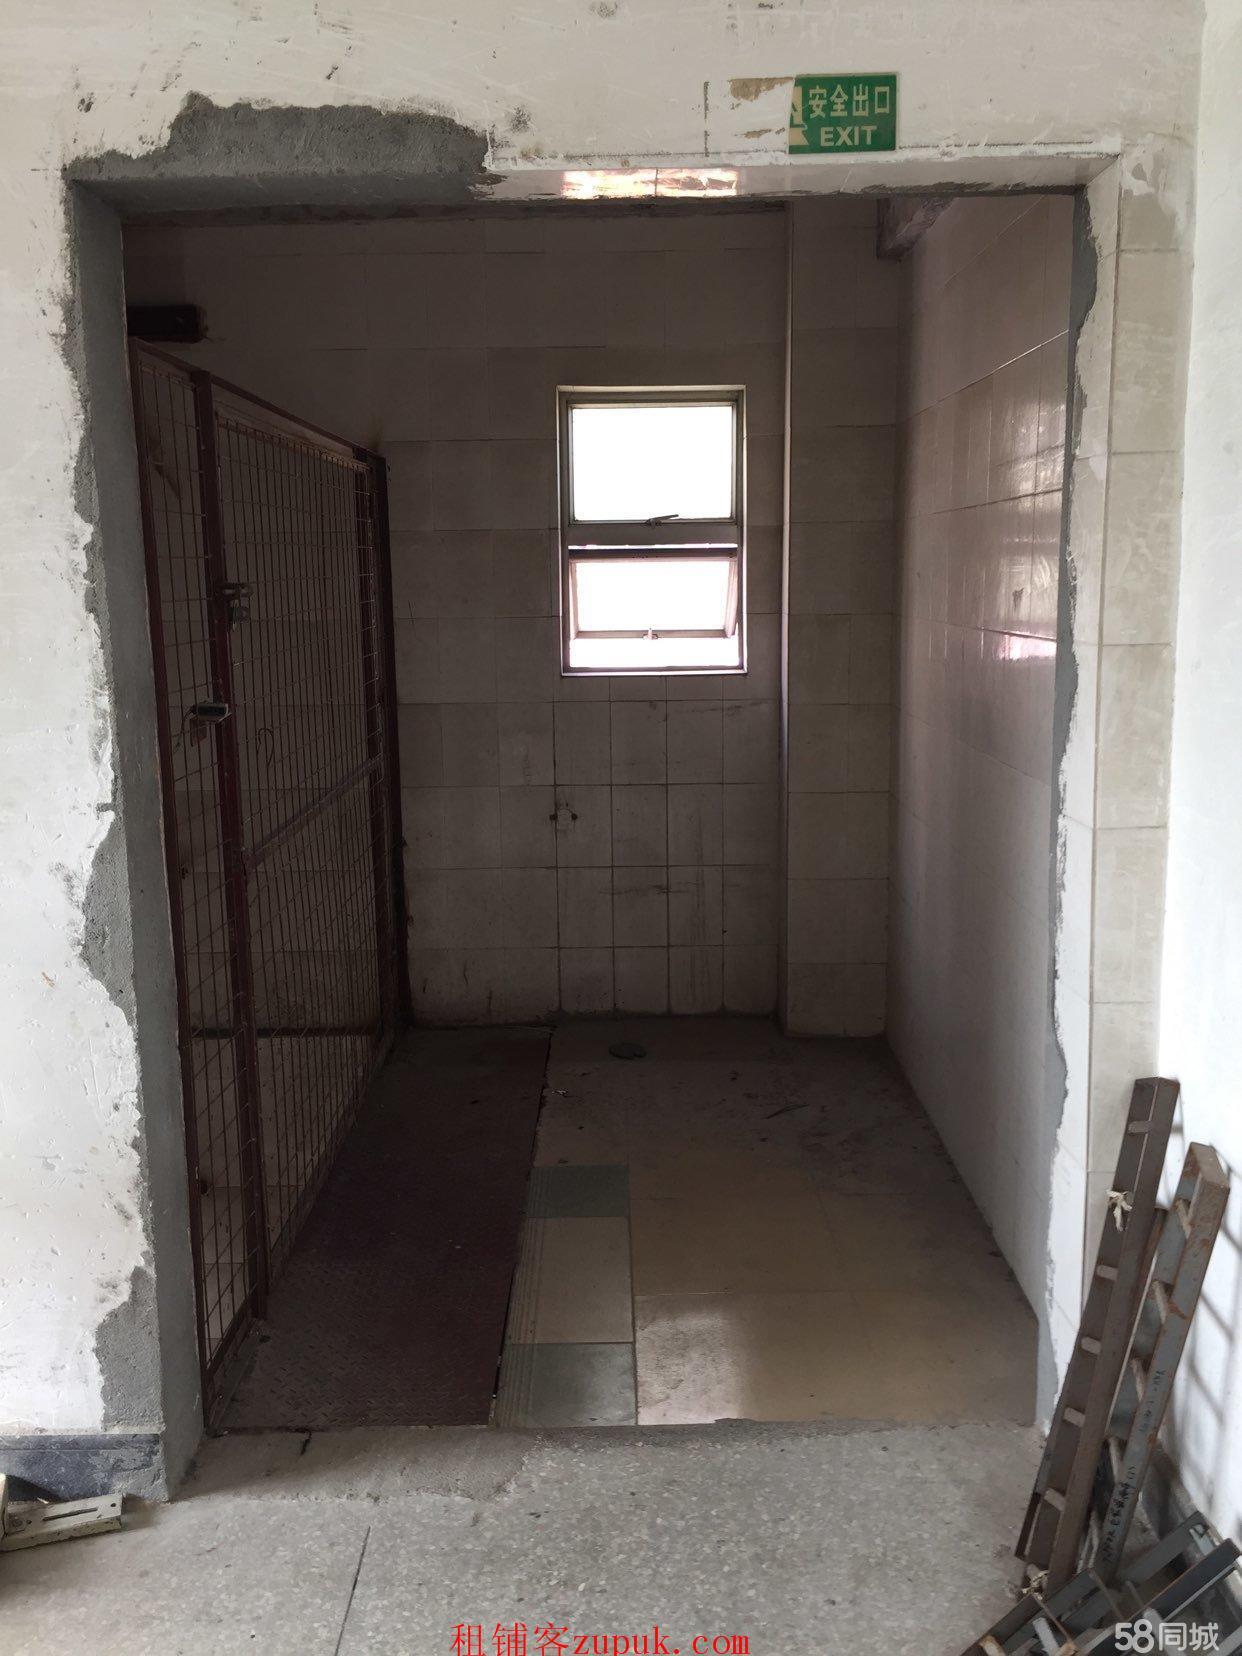 (出租) 公明镇根园正龙 厂房 600平米 有货梯